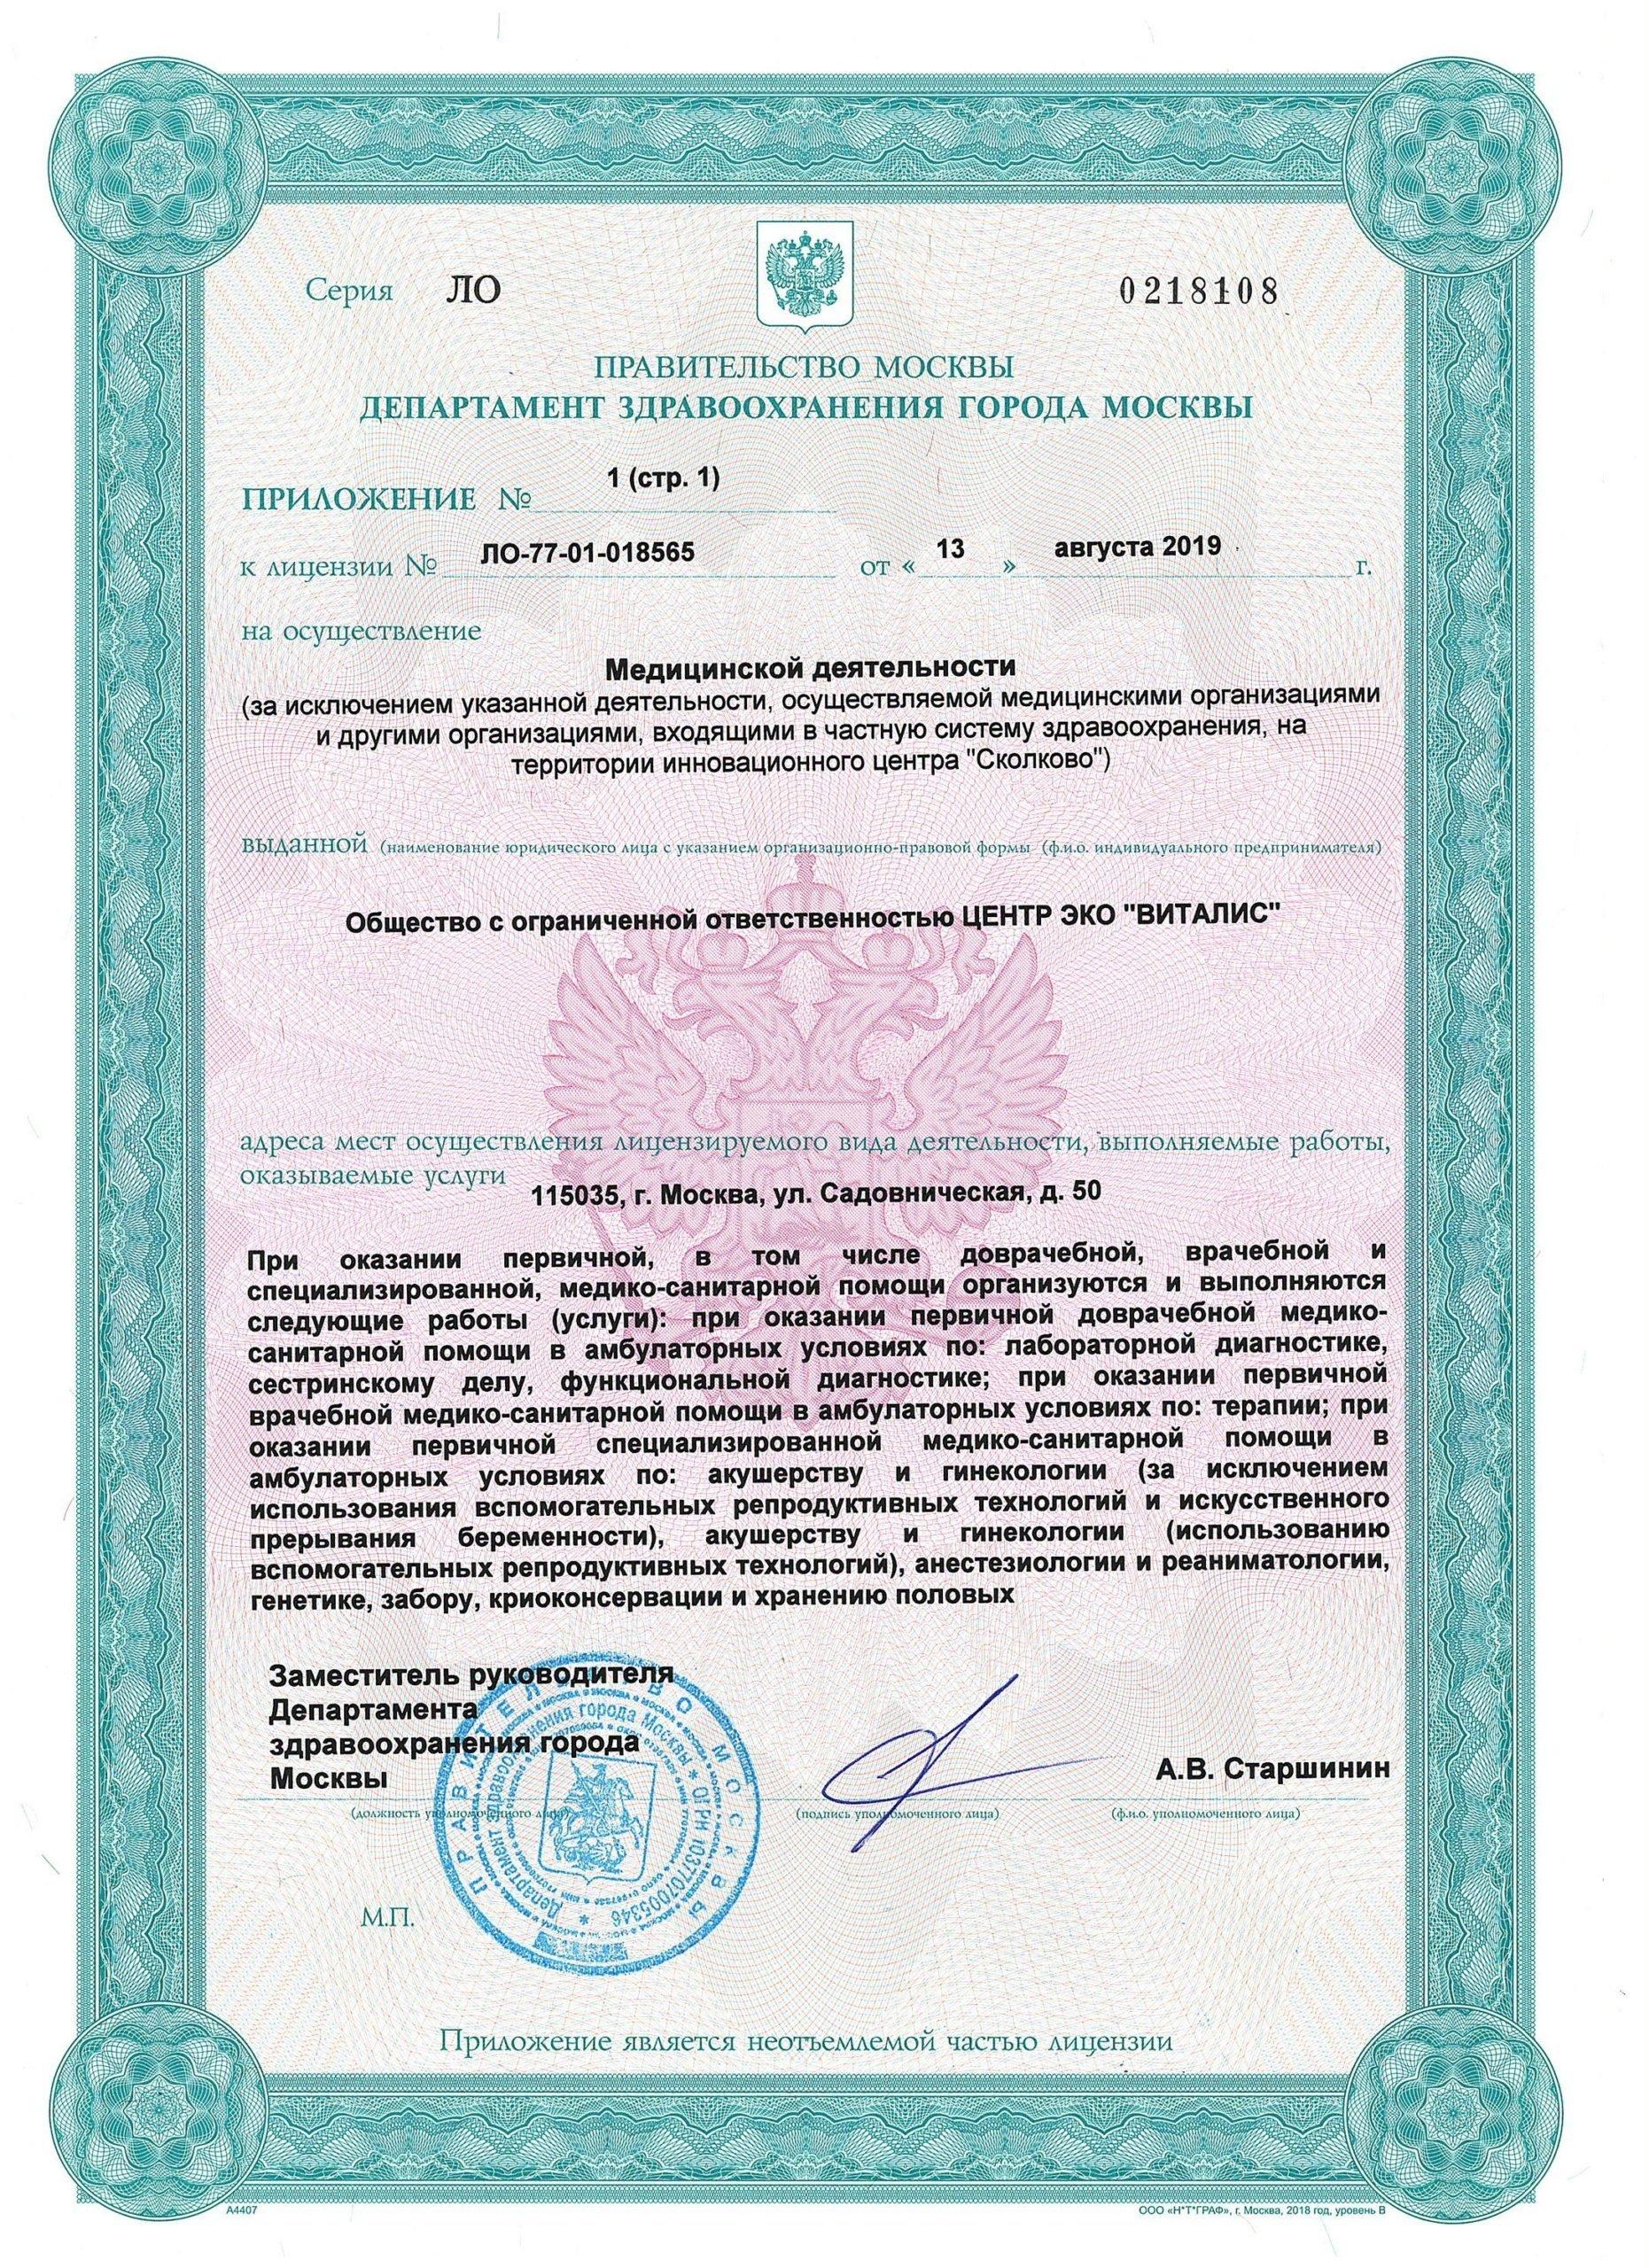 лицензия клиники эко виталис